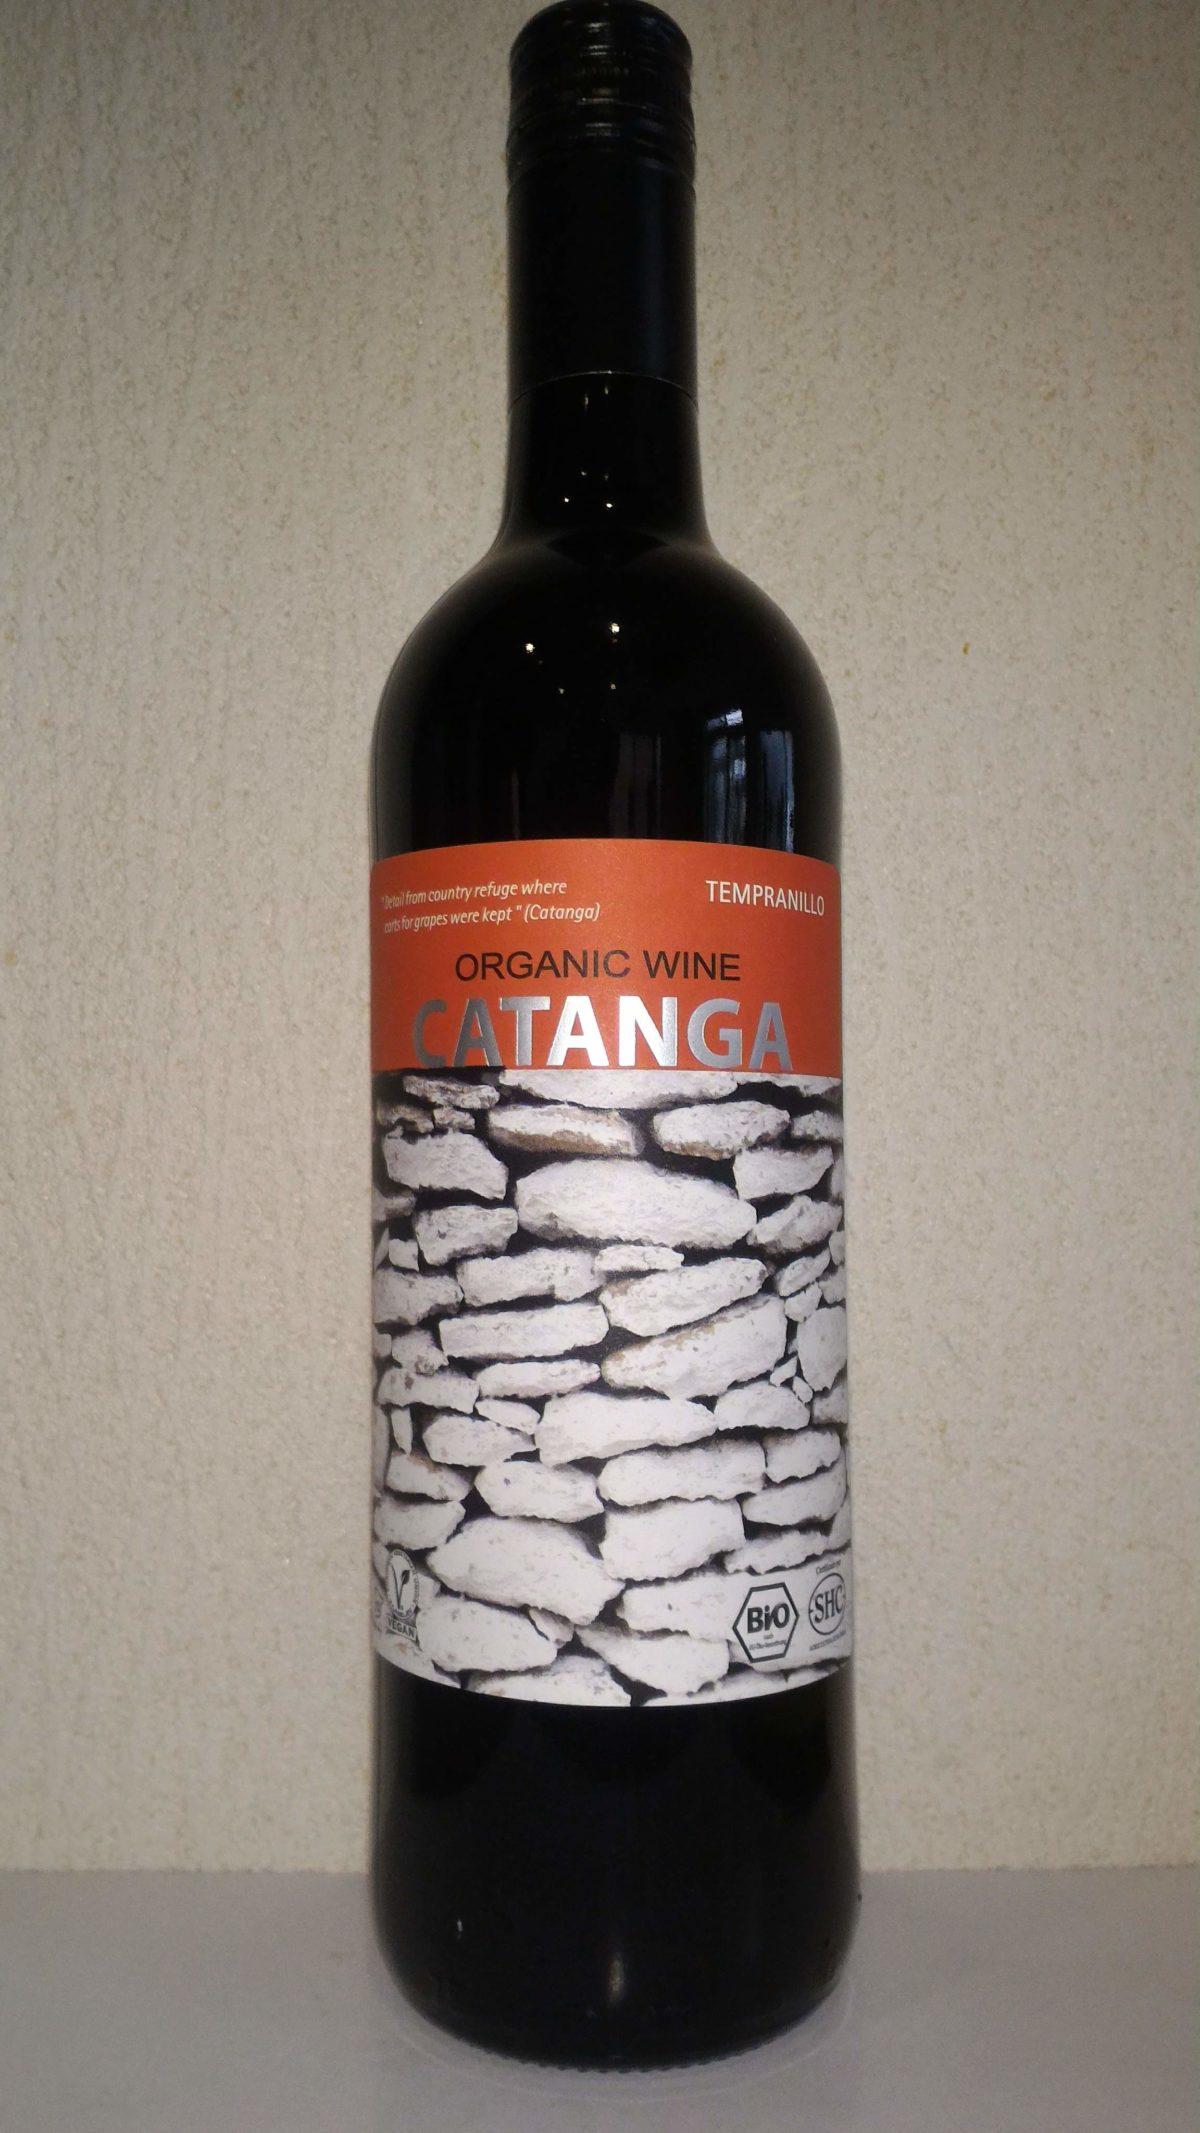 1000円以下で愉しむ赤ワイン「カタンガ テンプラニーリョ」